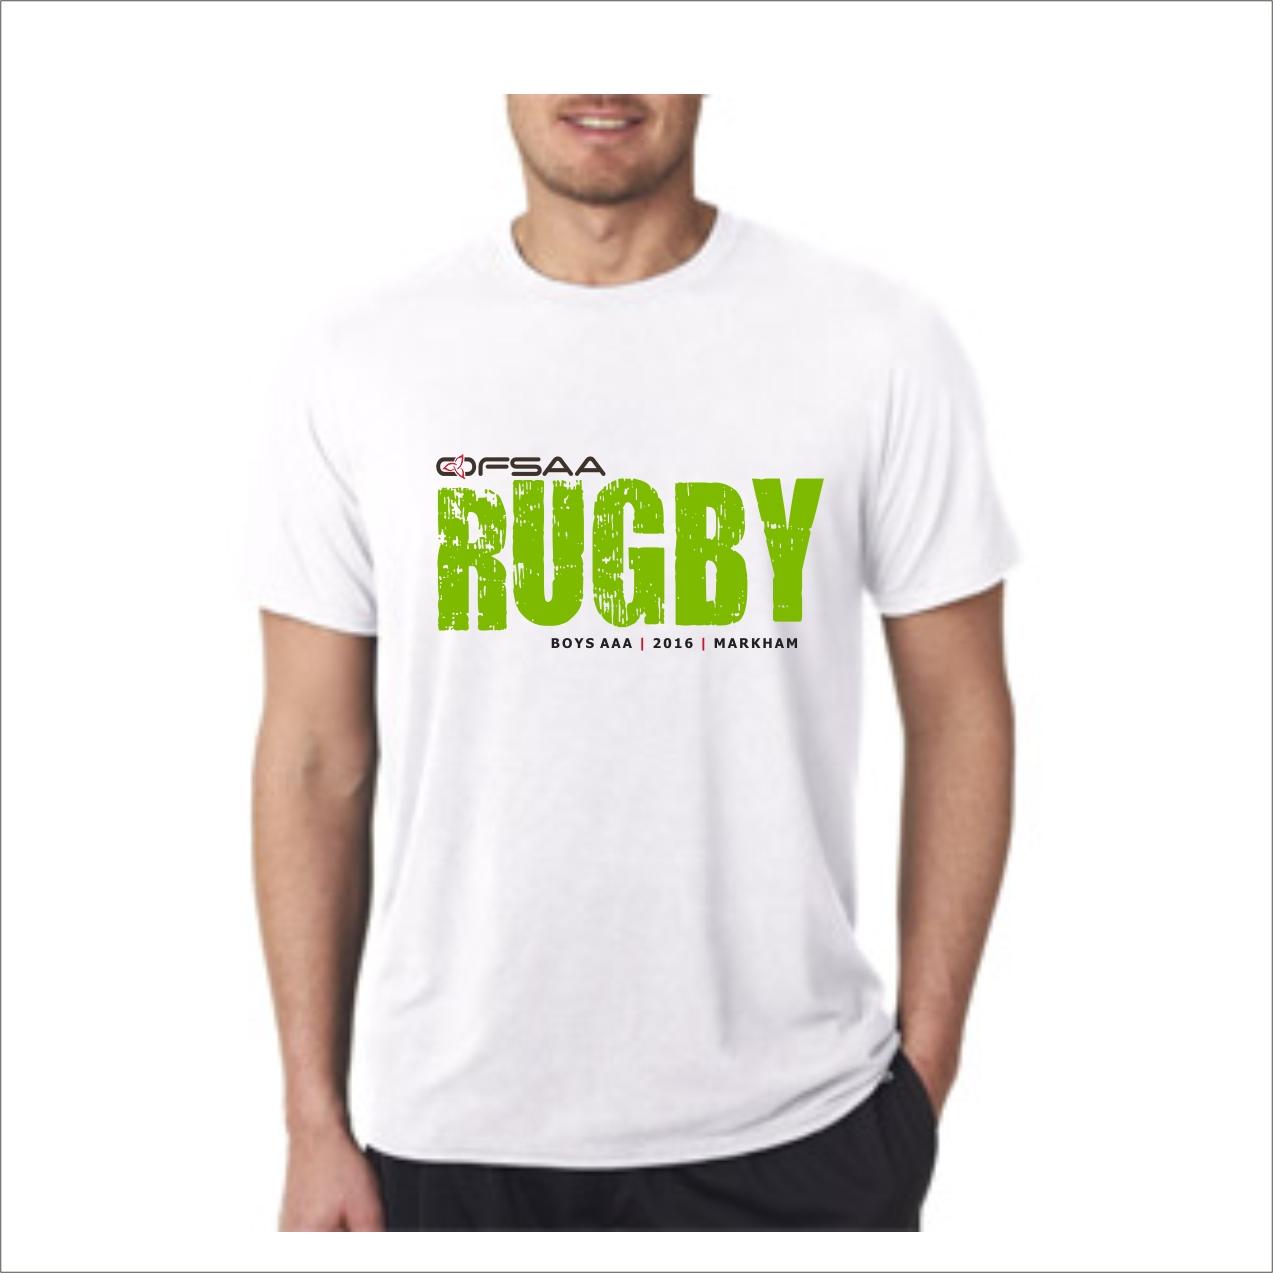 2016 Boys AAA Rugby tshirt single.jpg